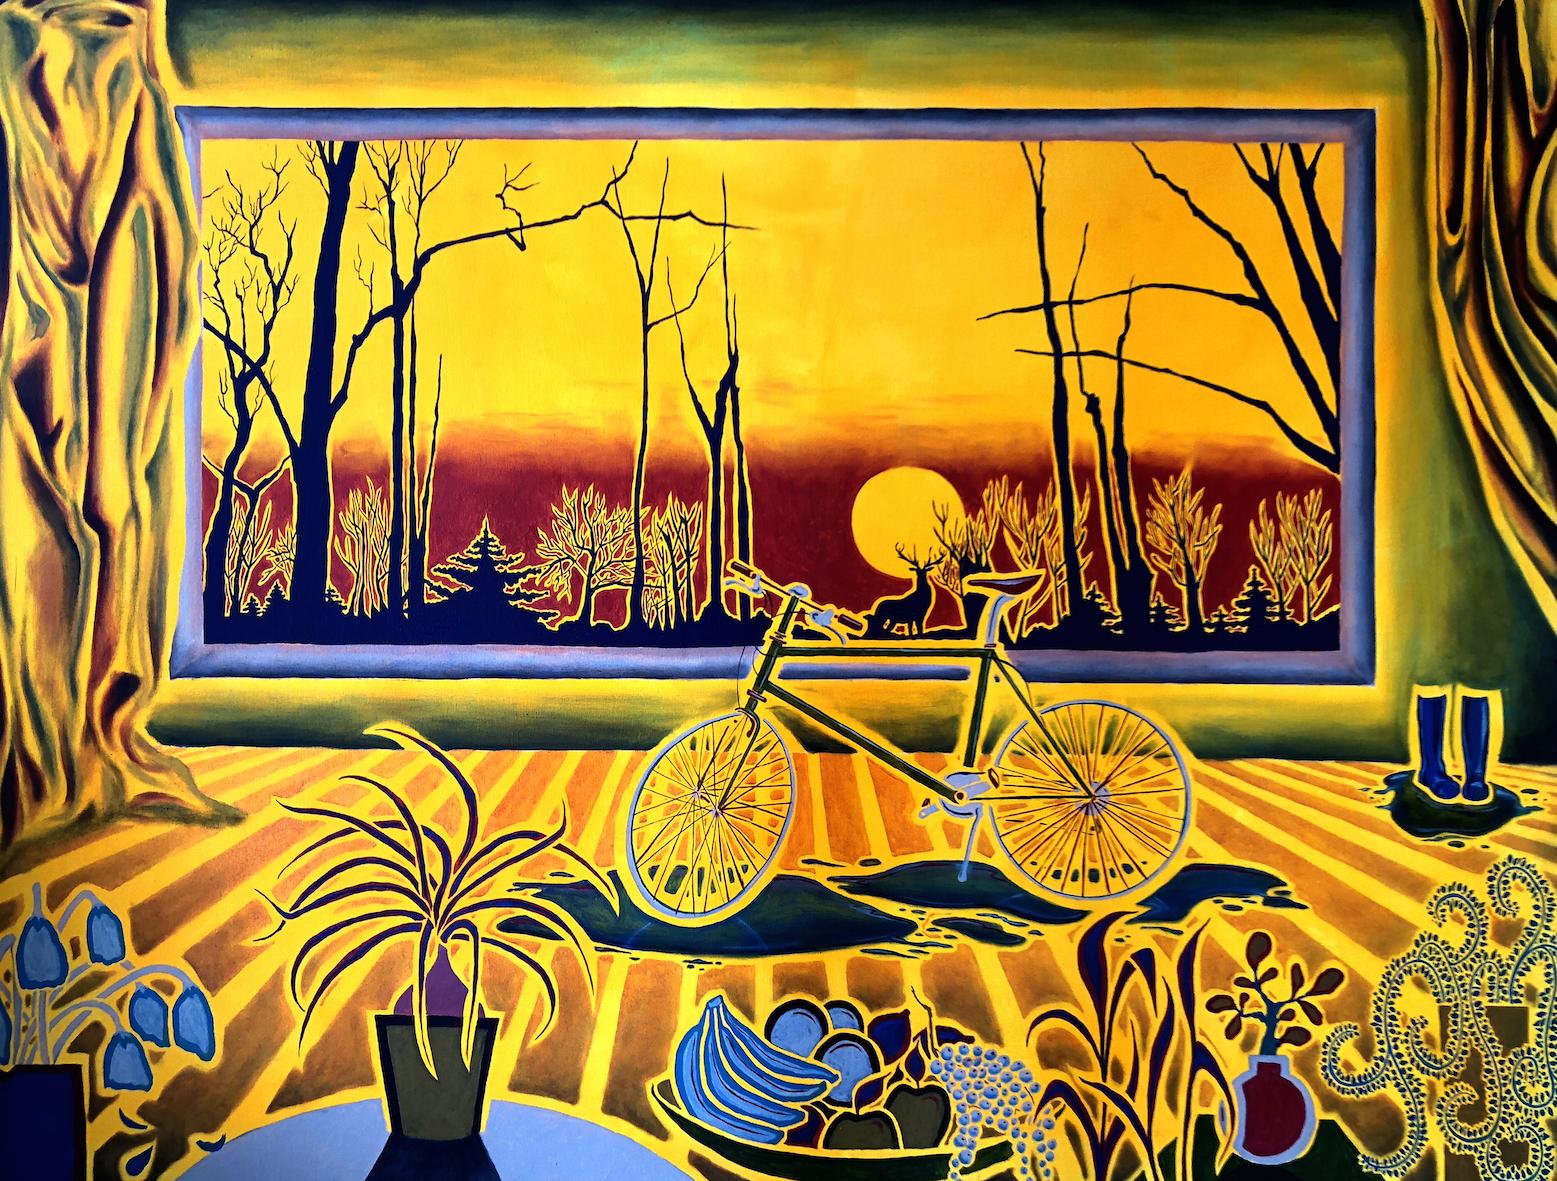 Interim_2018_Acrylic_and_Oil_on_Canvas_132_x_173_cm.jpg